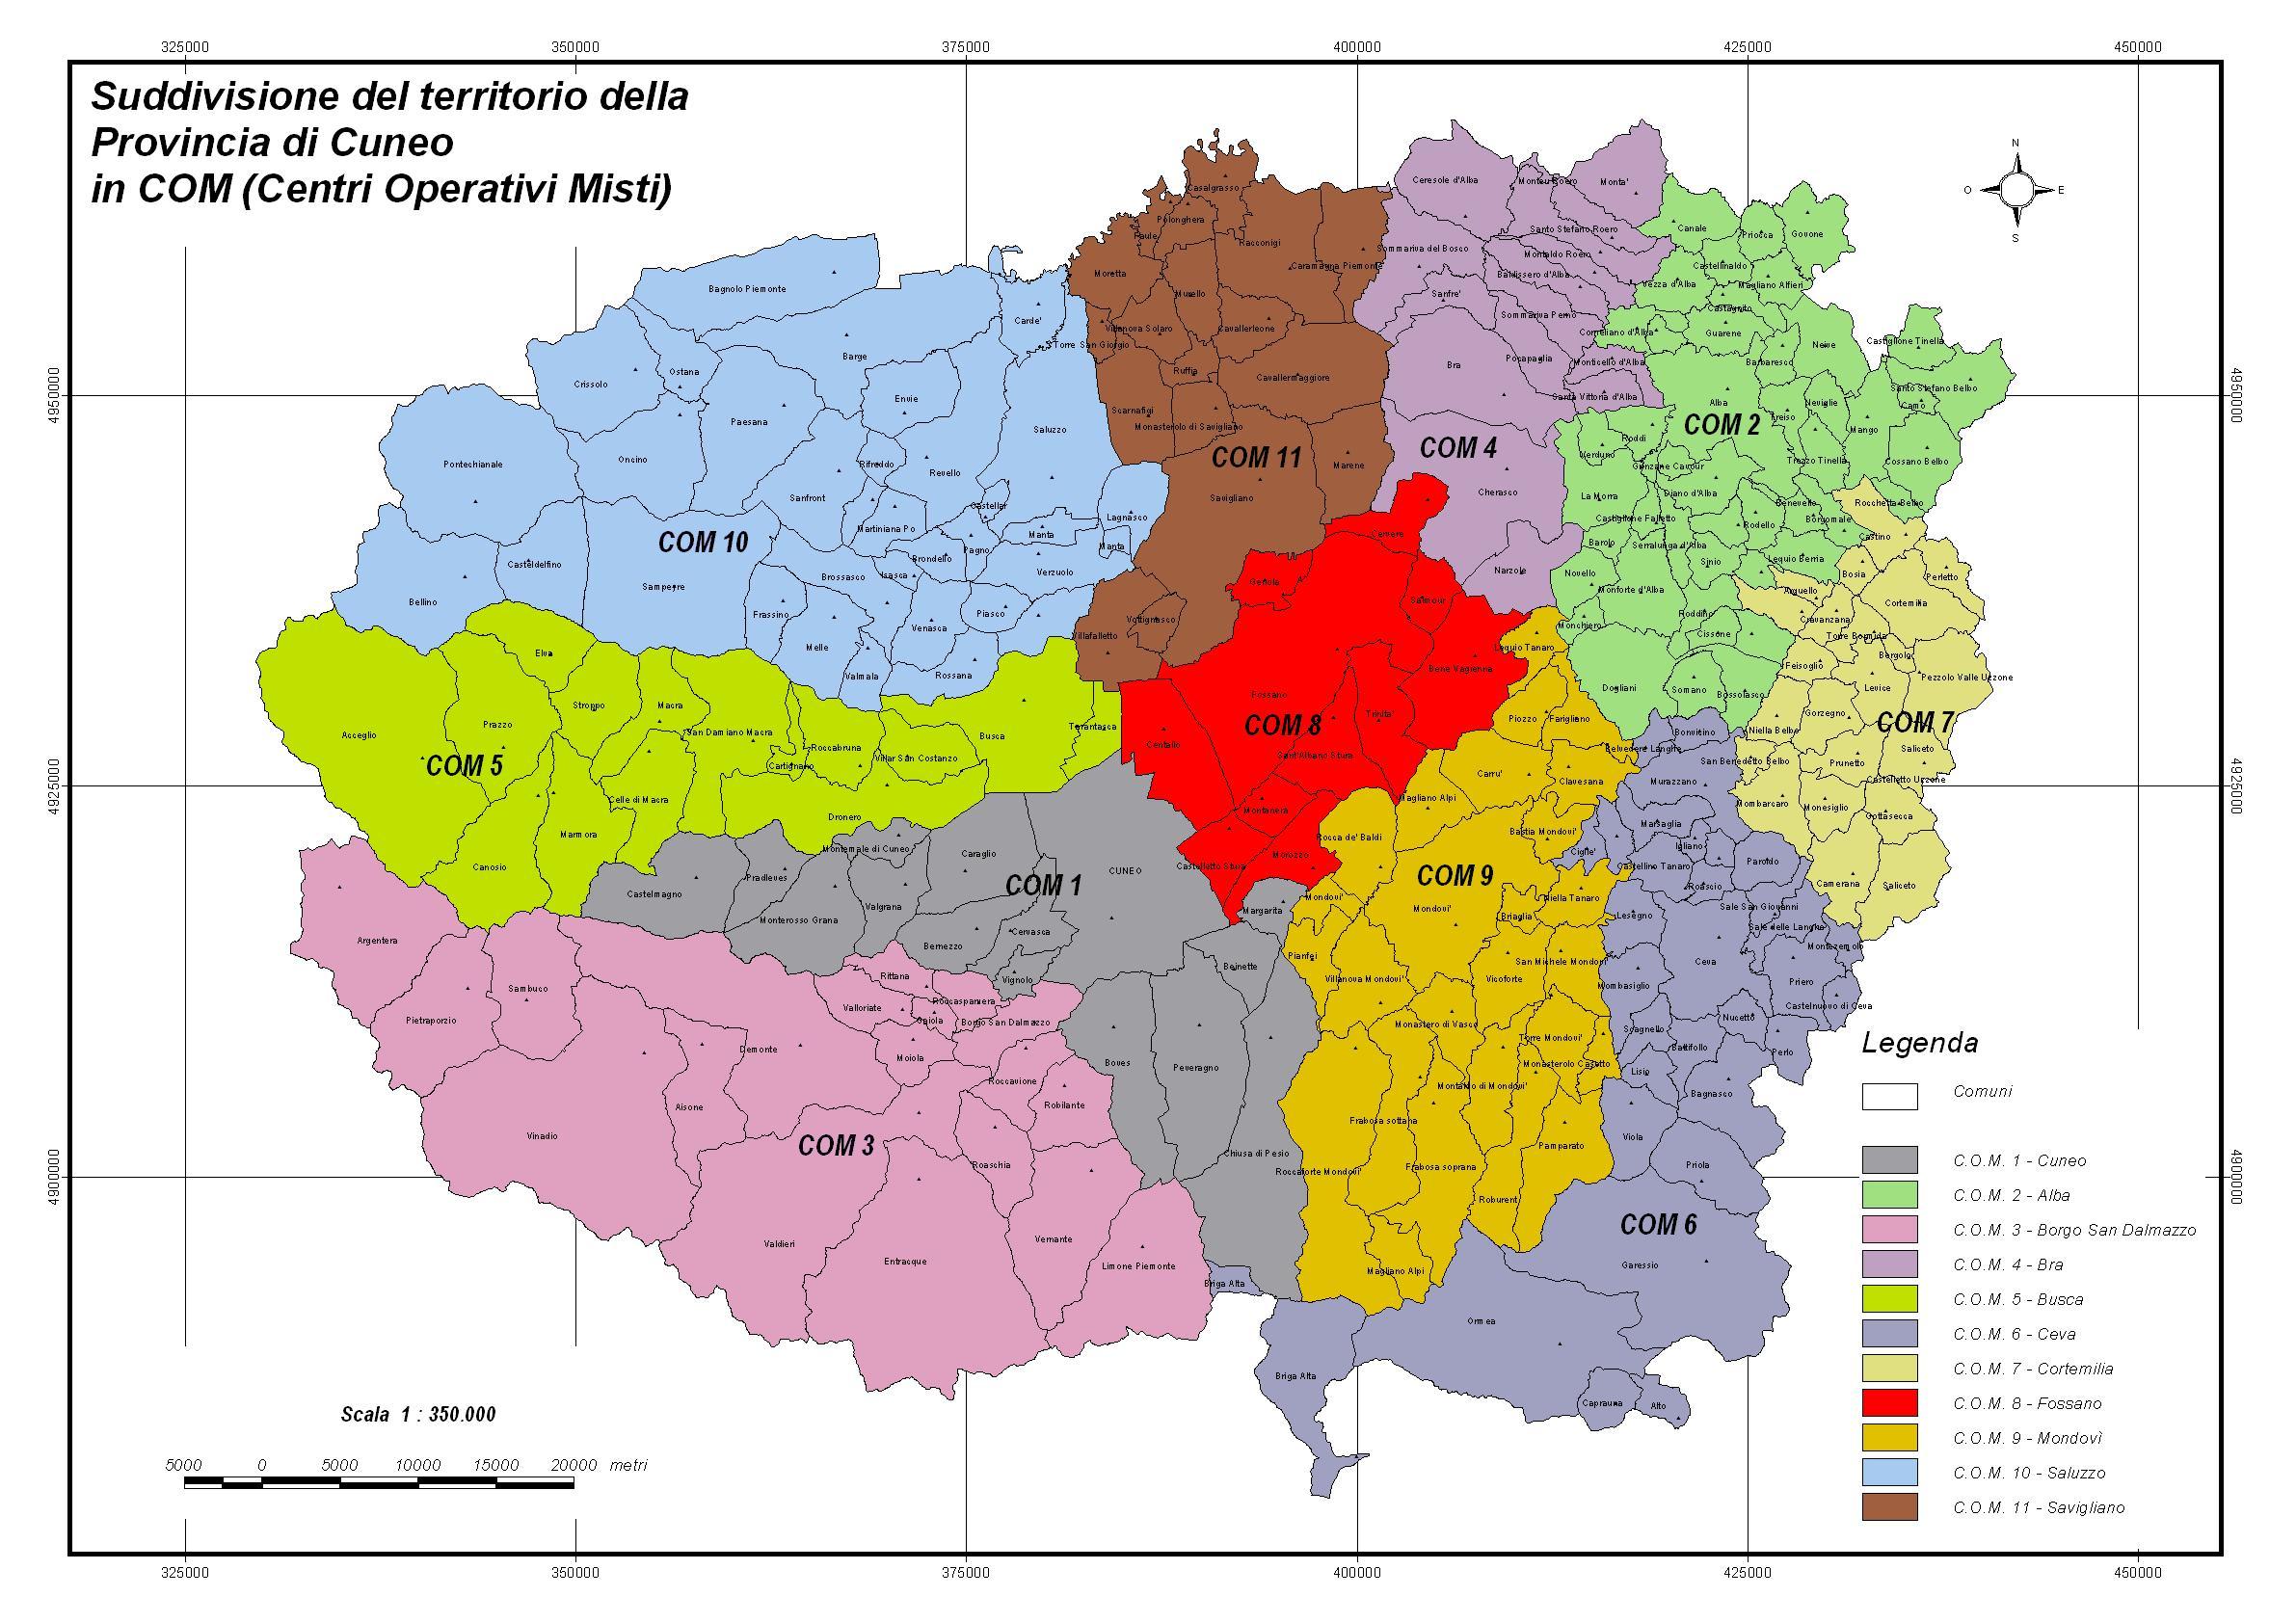 Download protezione civile telecomunicazioni for Arredamenti cuneo e provincia